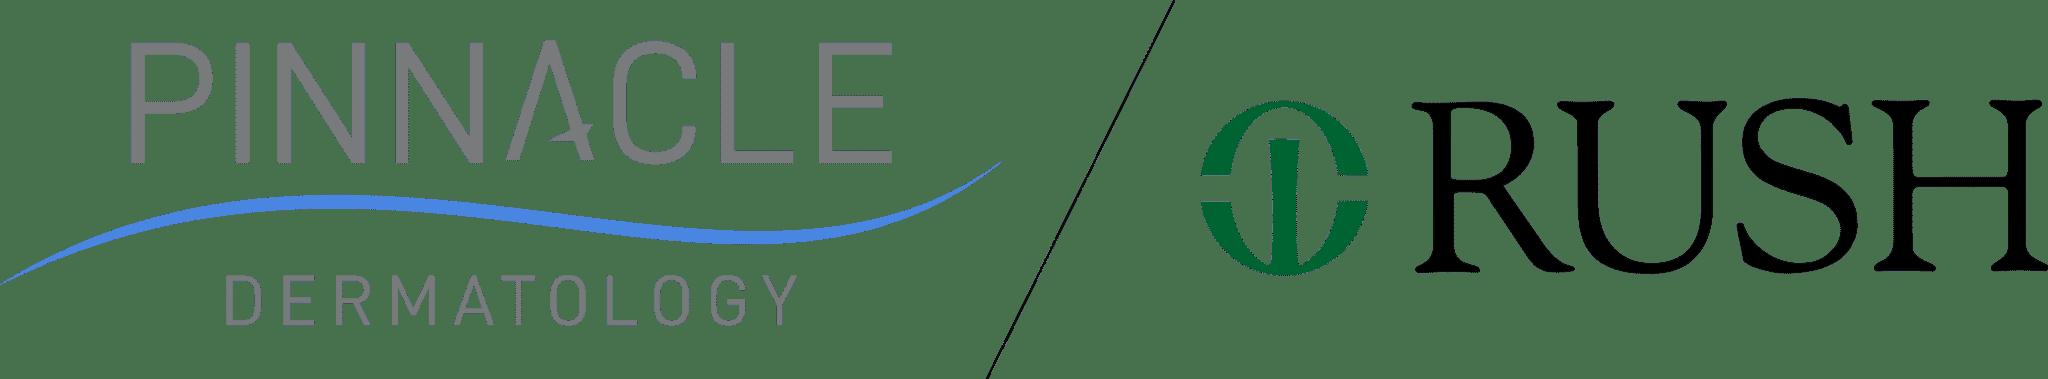 Pinnacle Dermatology Rush Logo